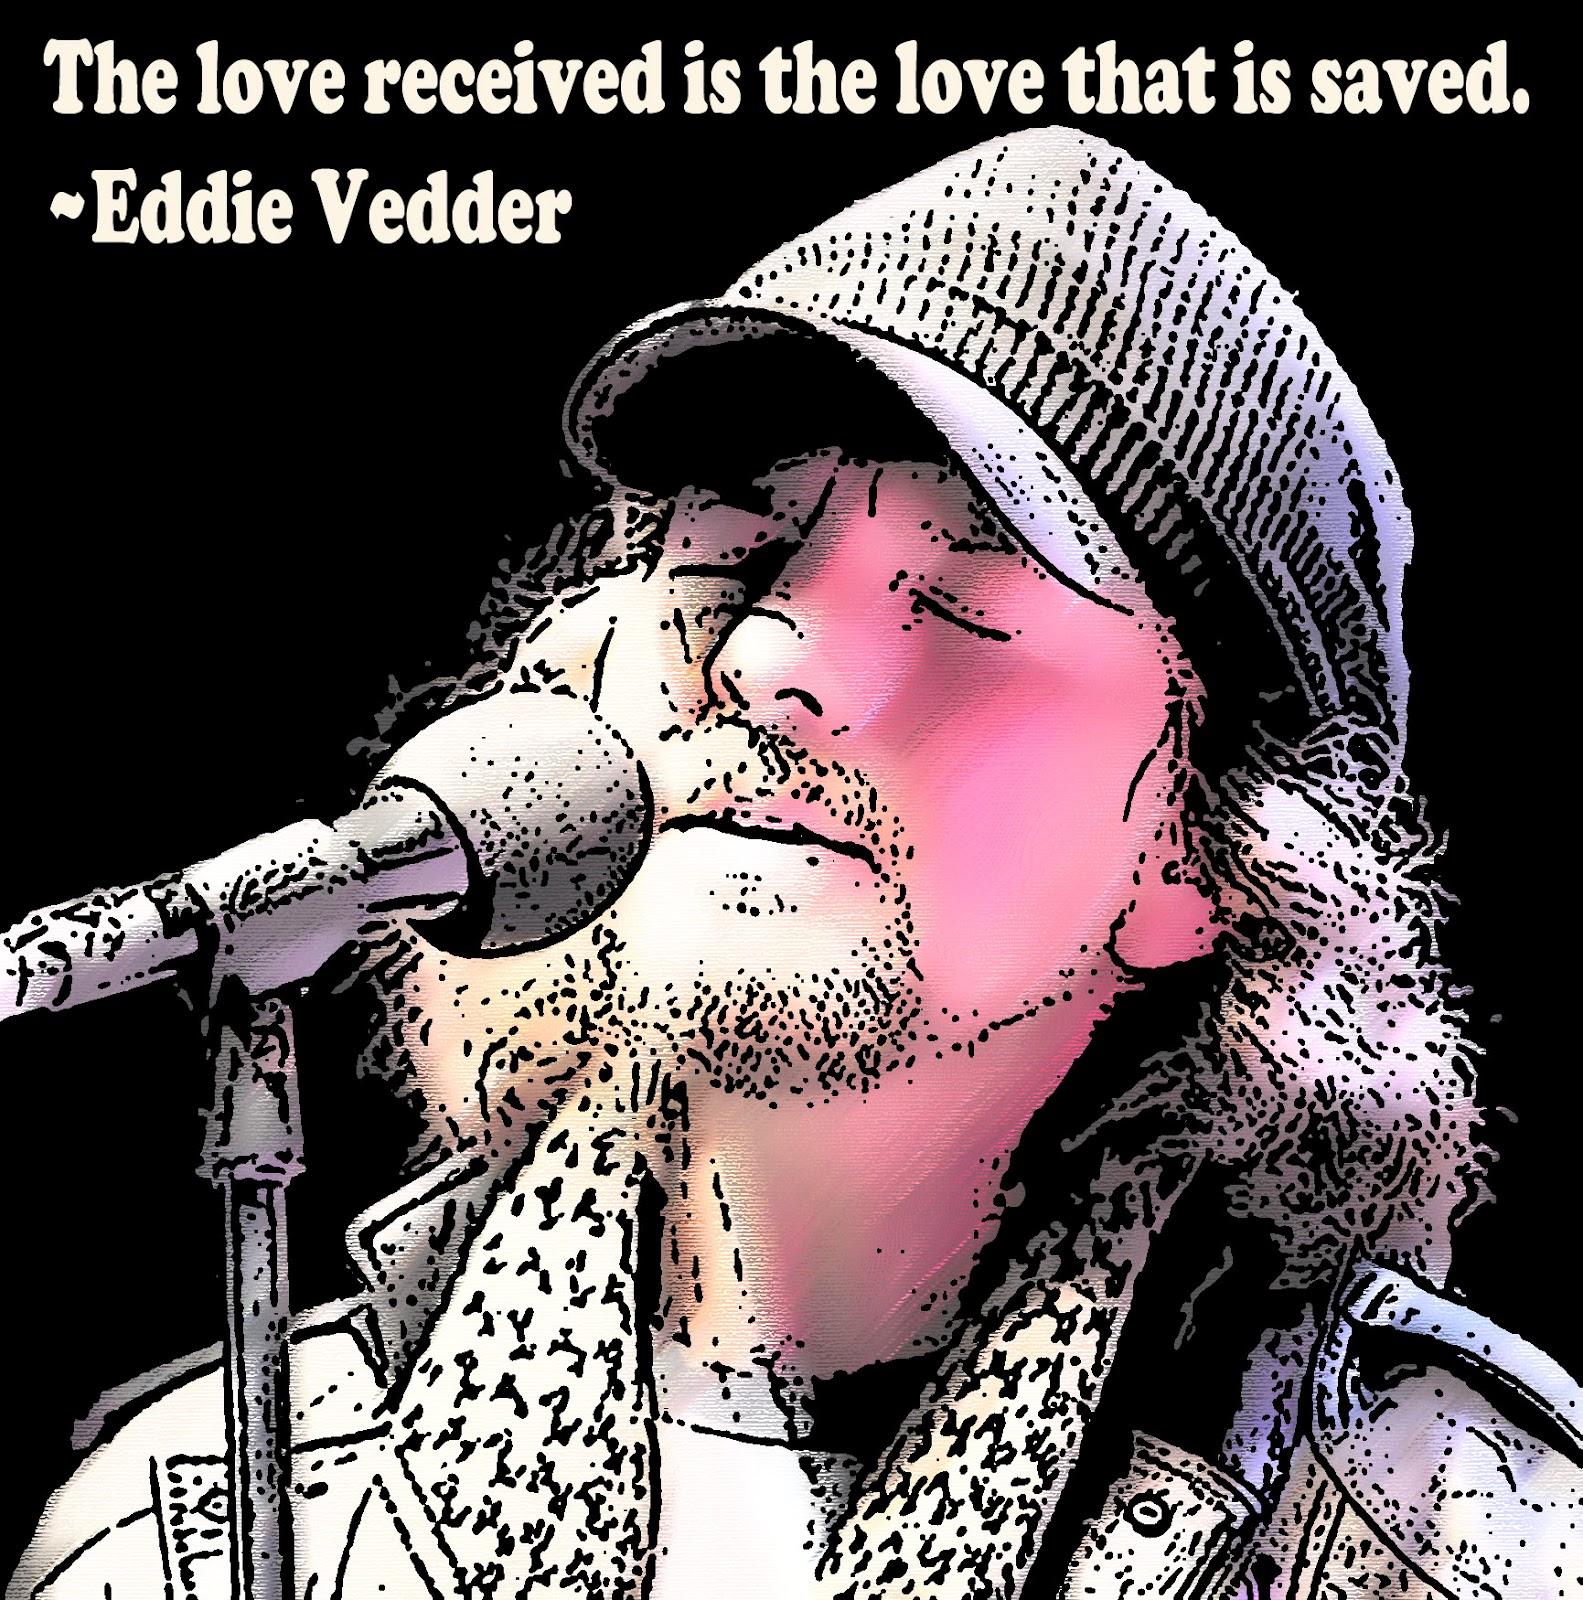 Eddie Vedder's quote #8